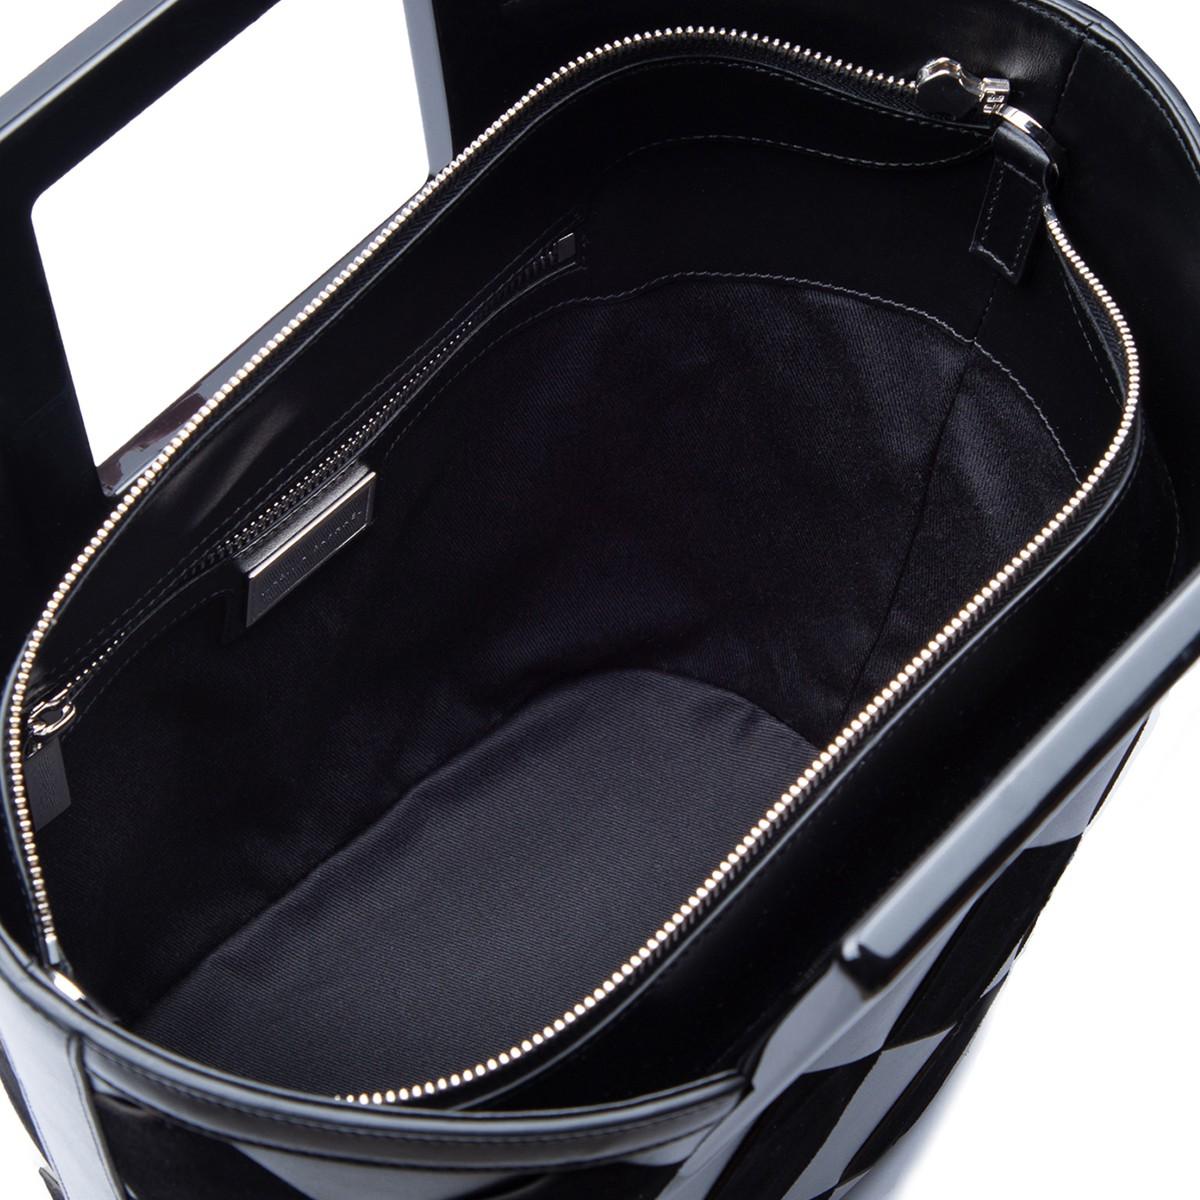 Mini Riviera in Black Woven Leather4